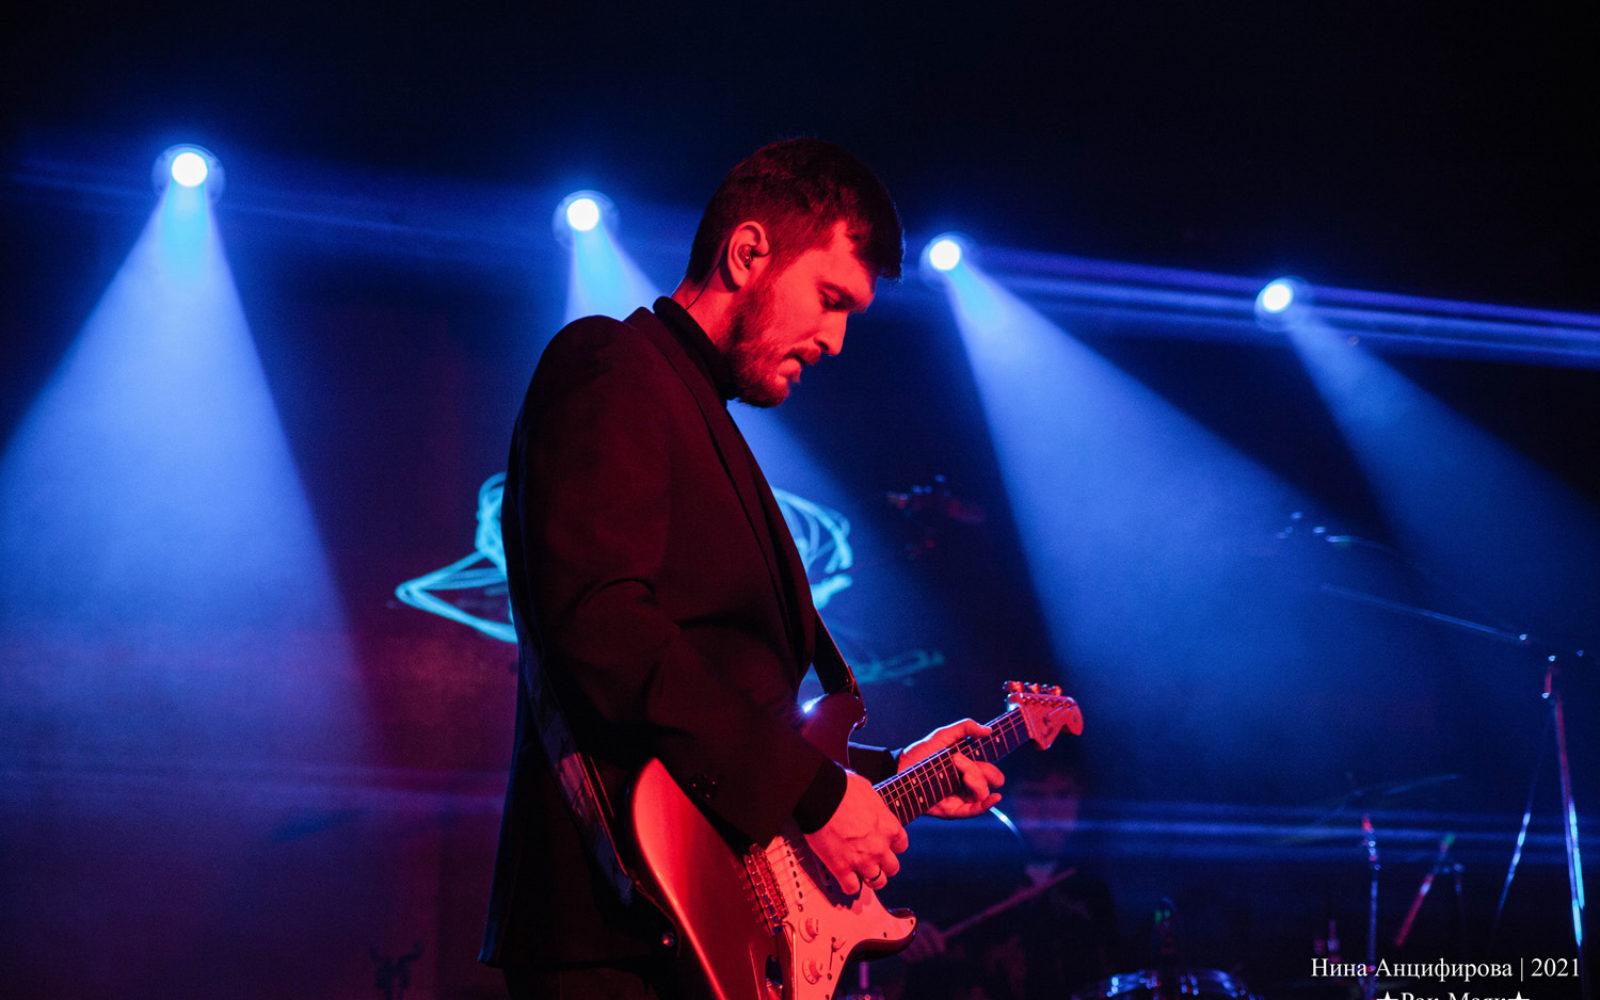 blues_bastards-13-of-68